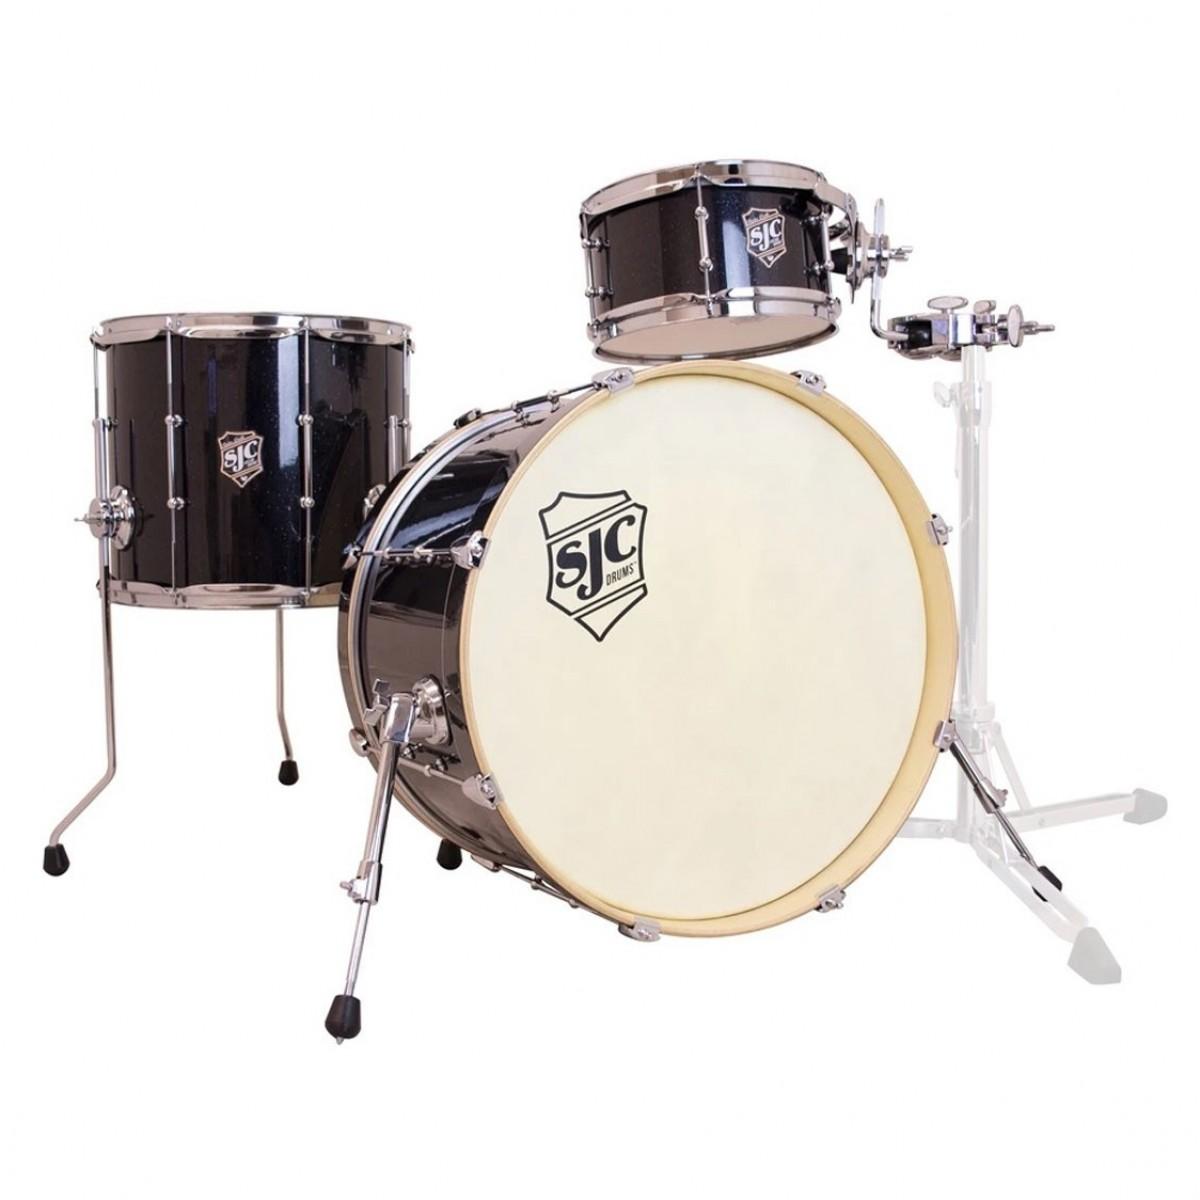 SJC Drums Busker DeVille 20'' 3pc, Black Sparkle Wrap